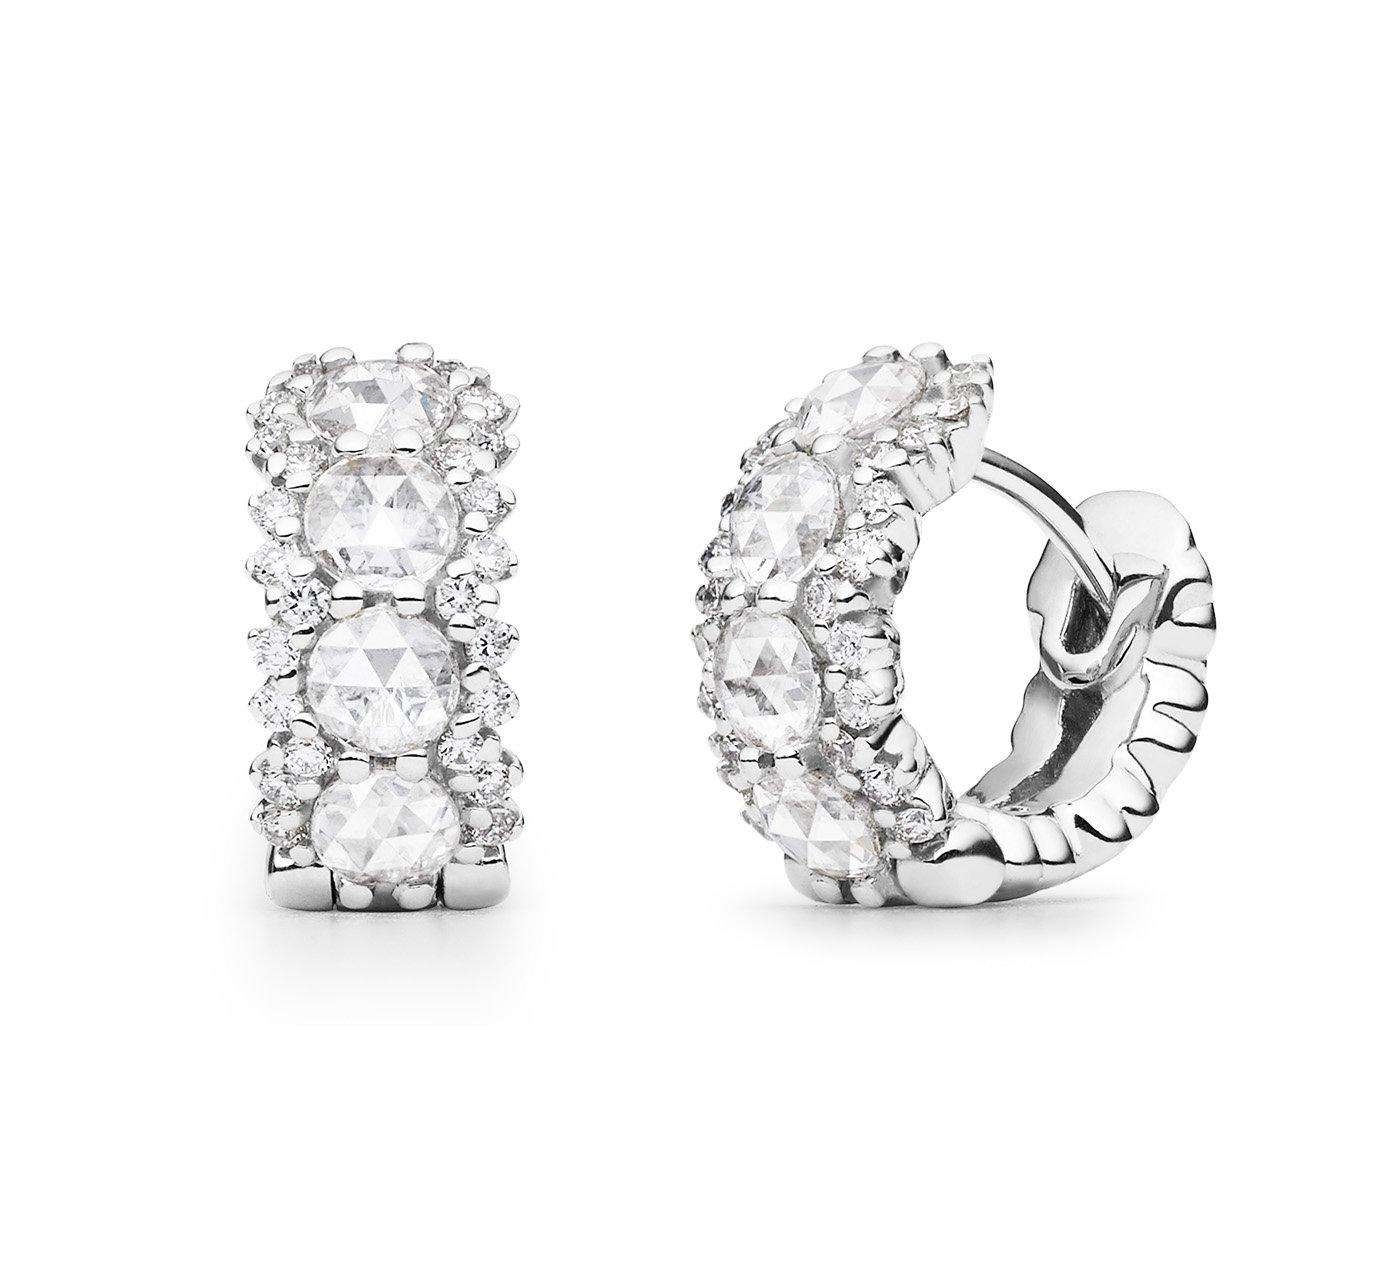 Earrings from Von Bargen's Jewelry